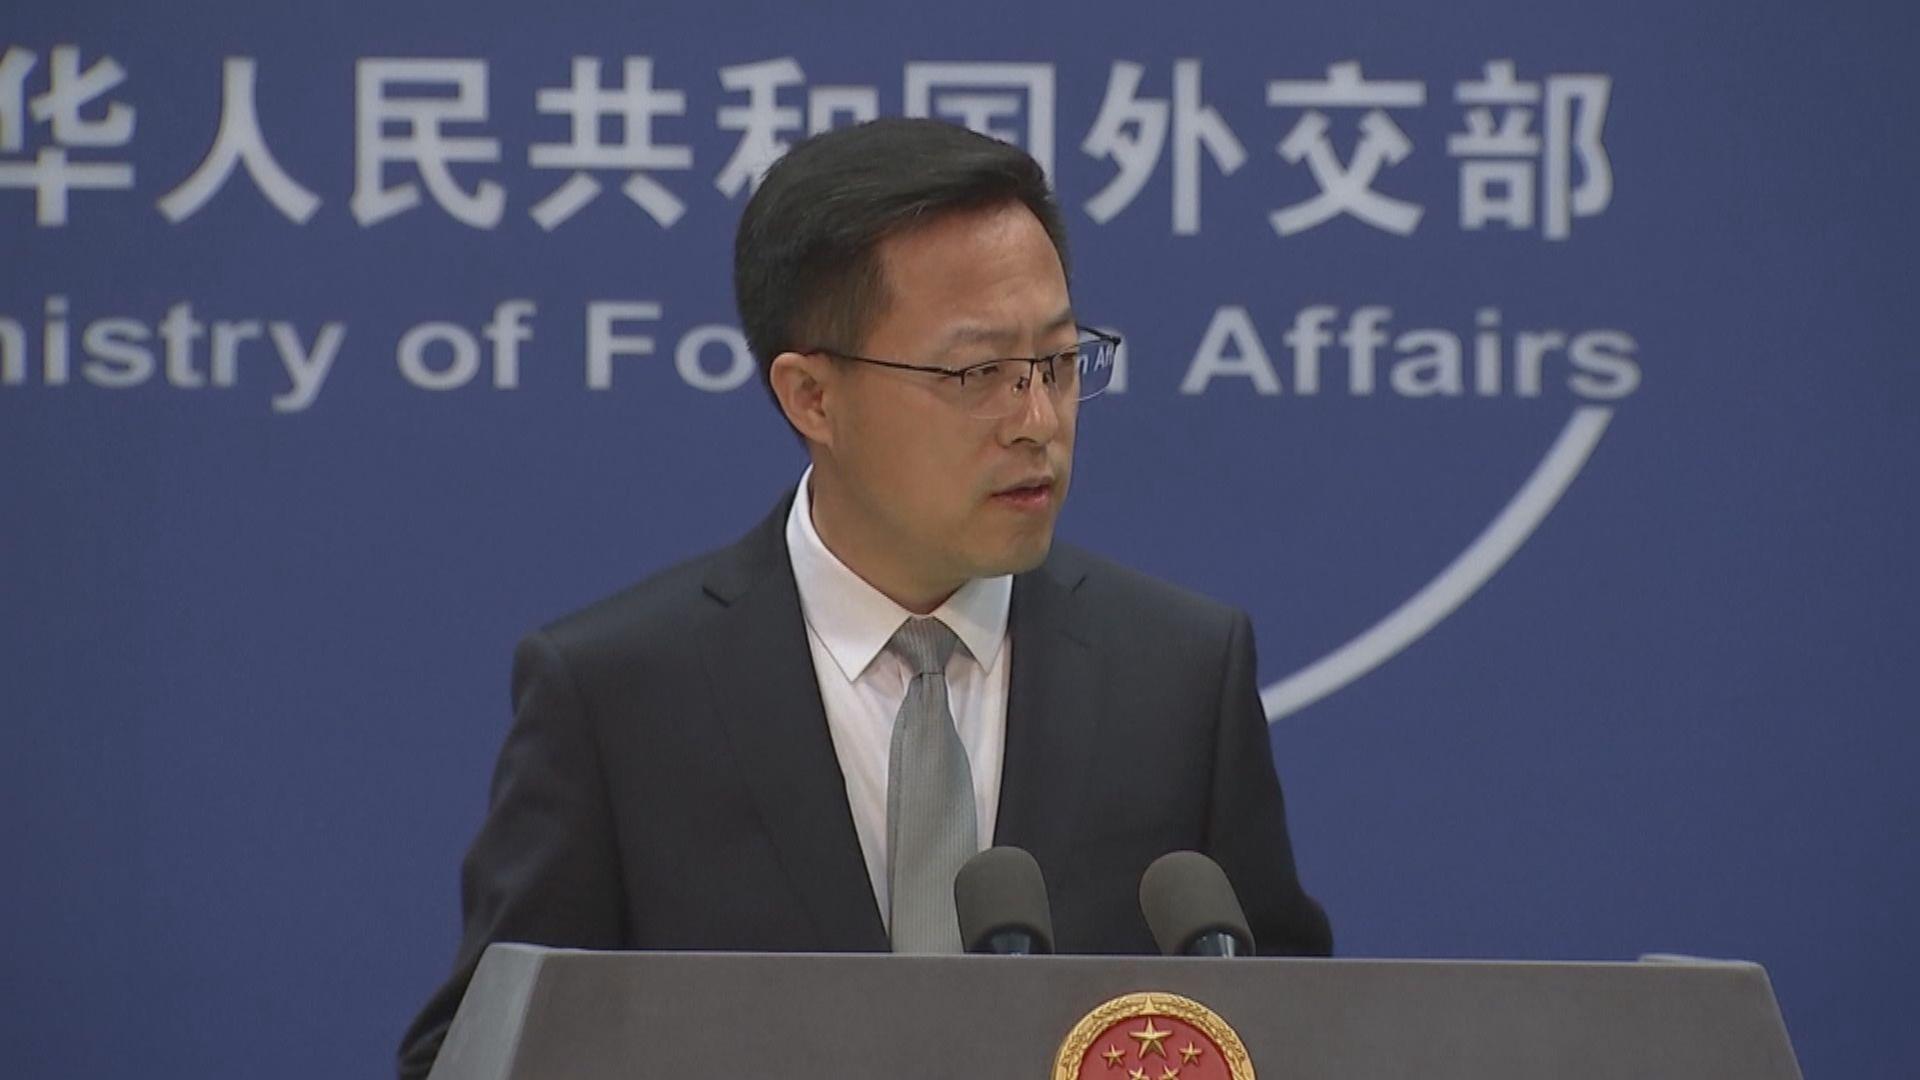 外交部:中美高層戰略對話能否取得積極成果 取決於雙方共同努力